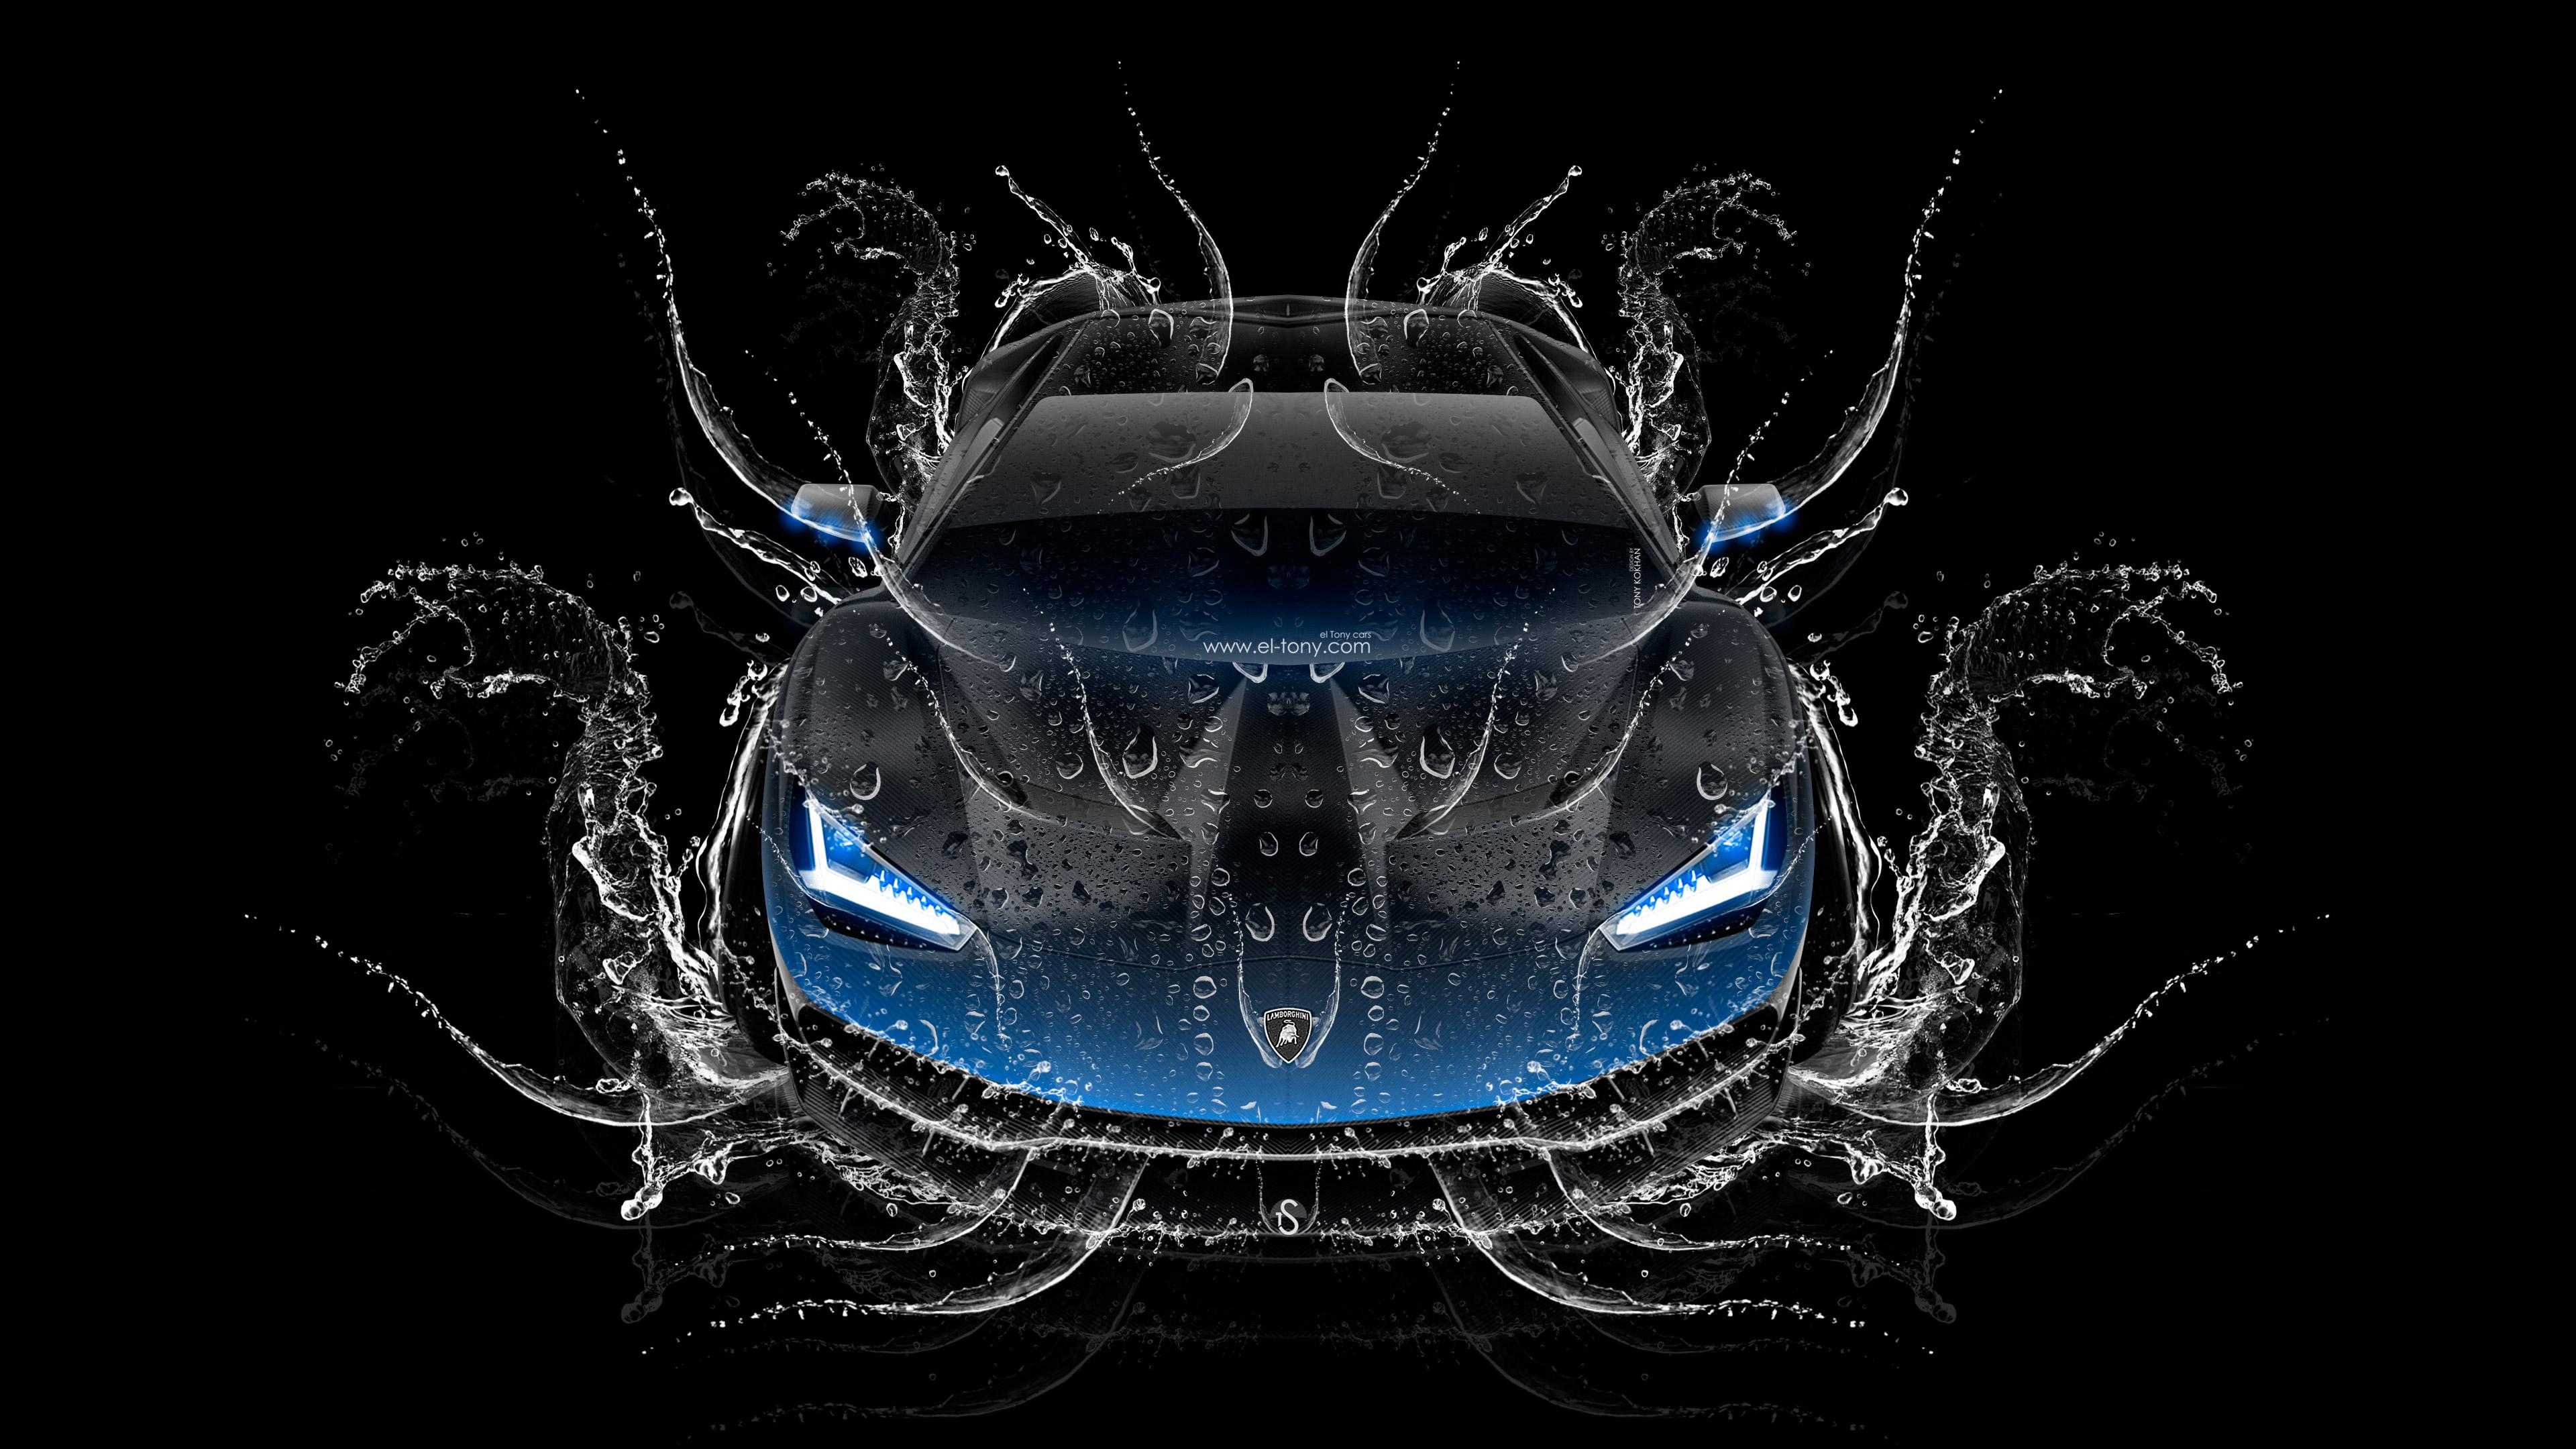 Lamborghini Centenario Frontup Super Water Splashes Car 2016 Blue